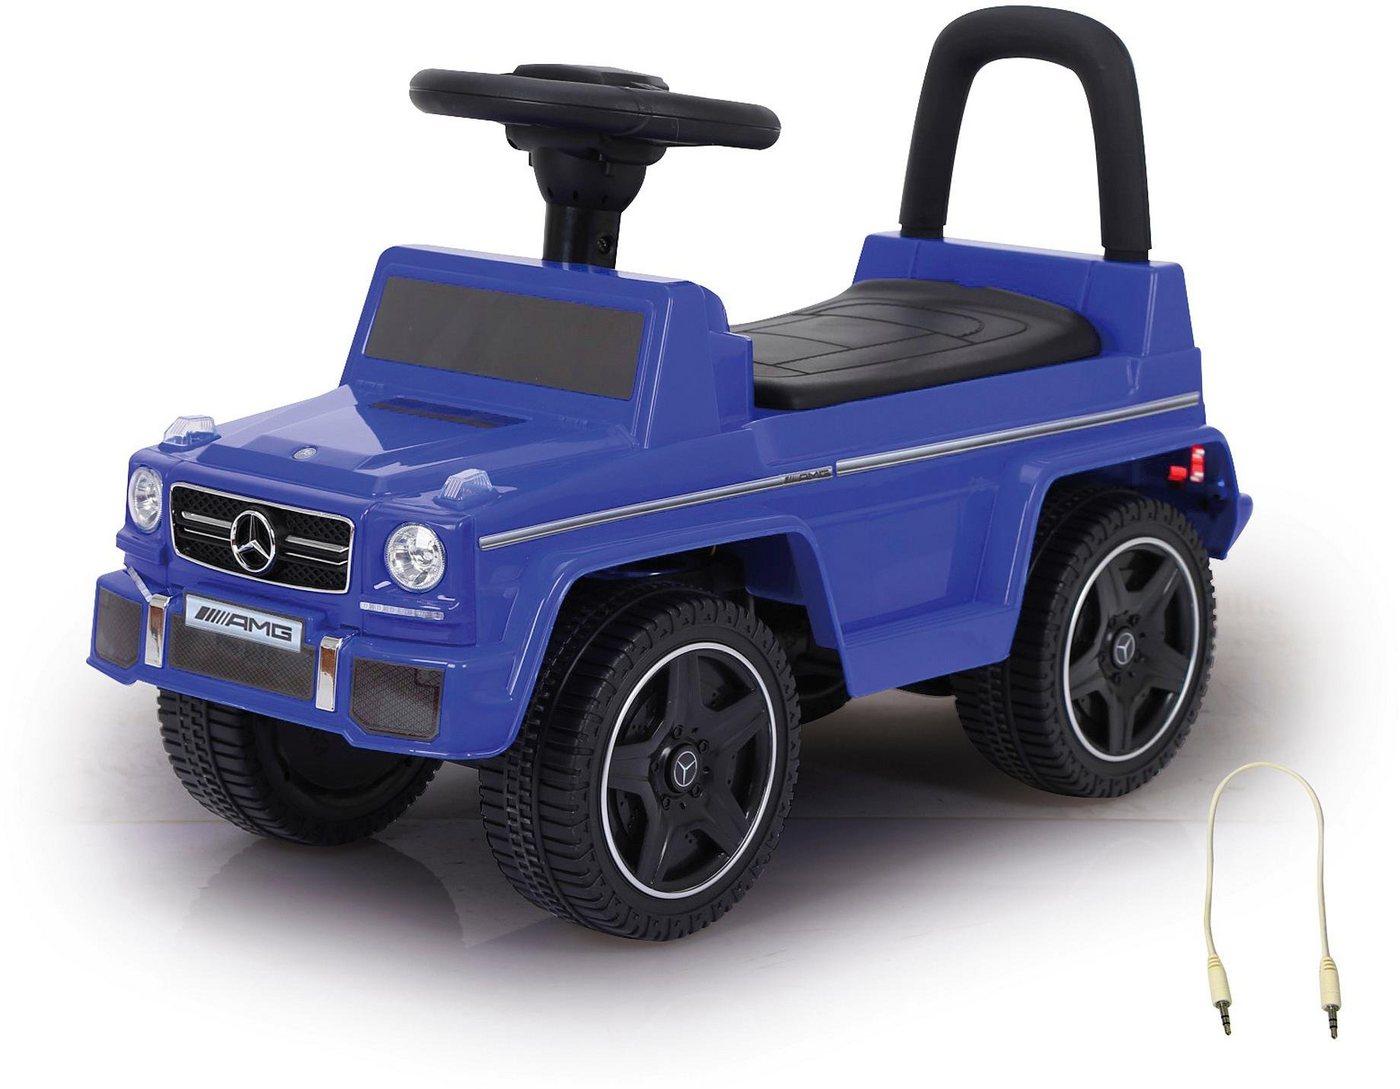 JAMARA Rutscherauto, »JAMARA KIDS Mercedes-Benz AMG G63, blau«